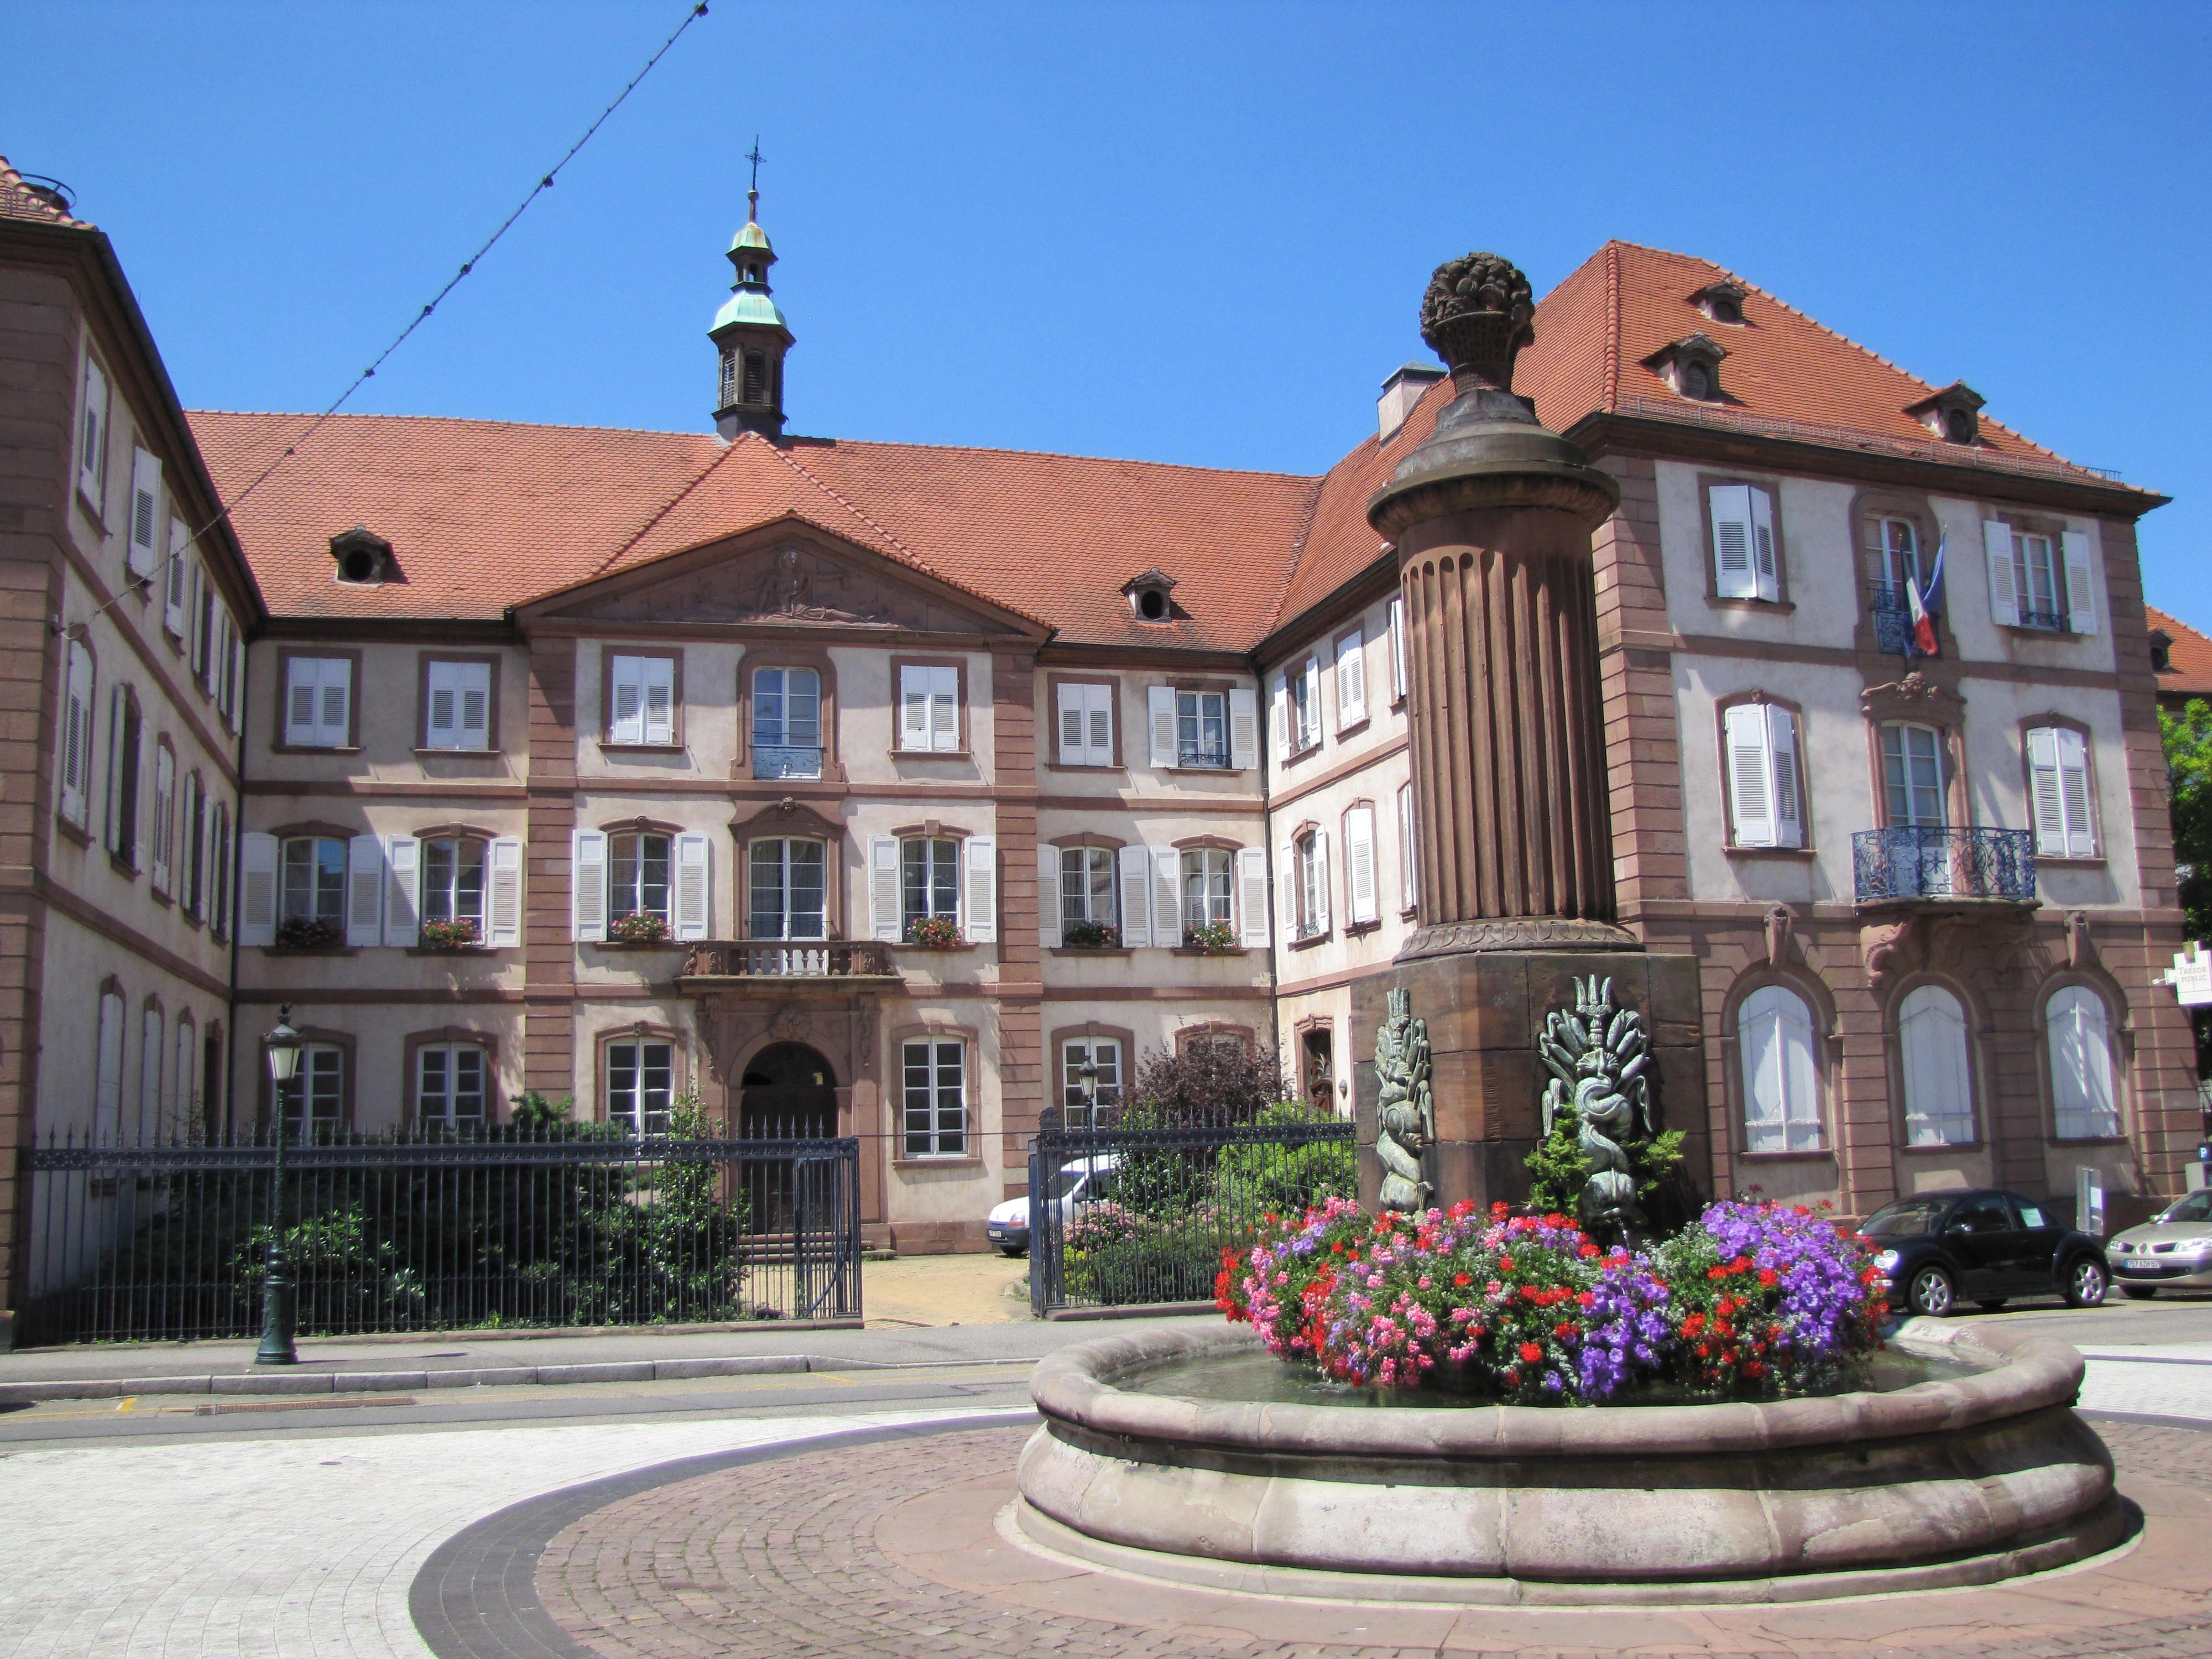 Haguenau Alsace France Grand Est Alsace